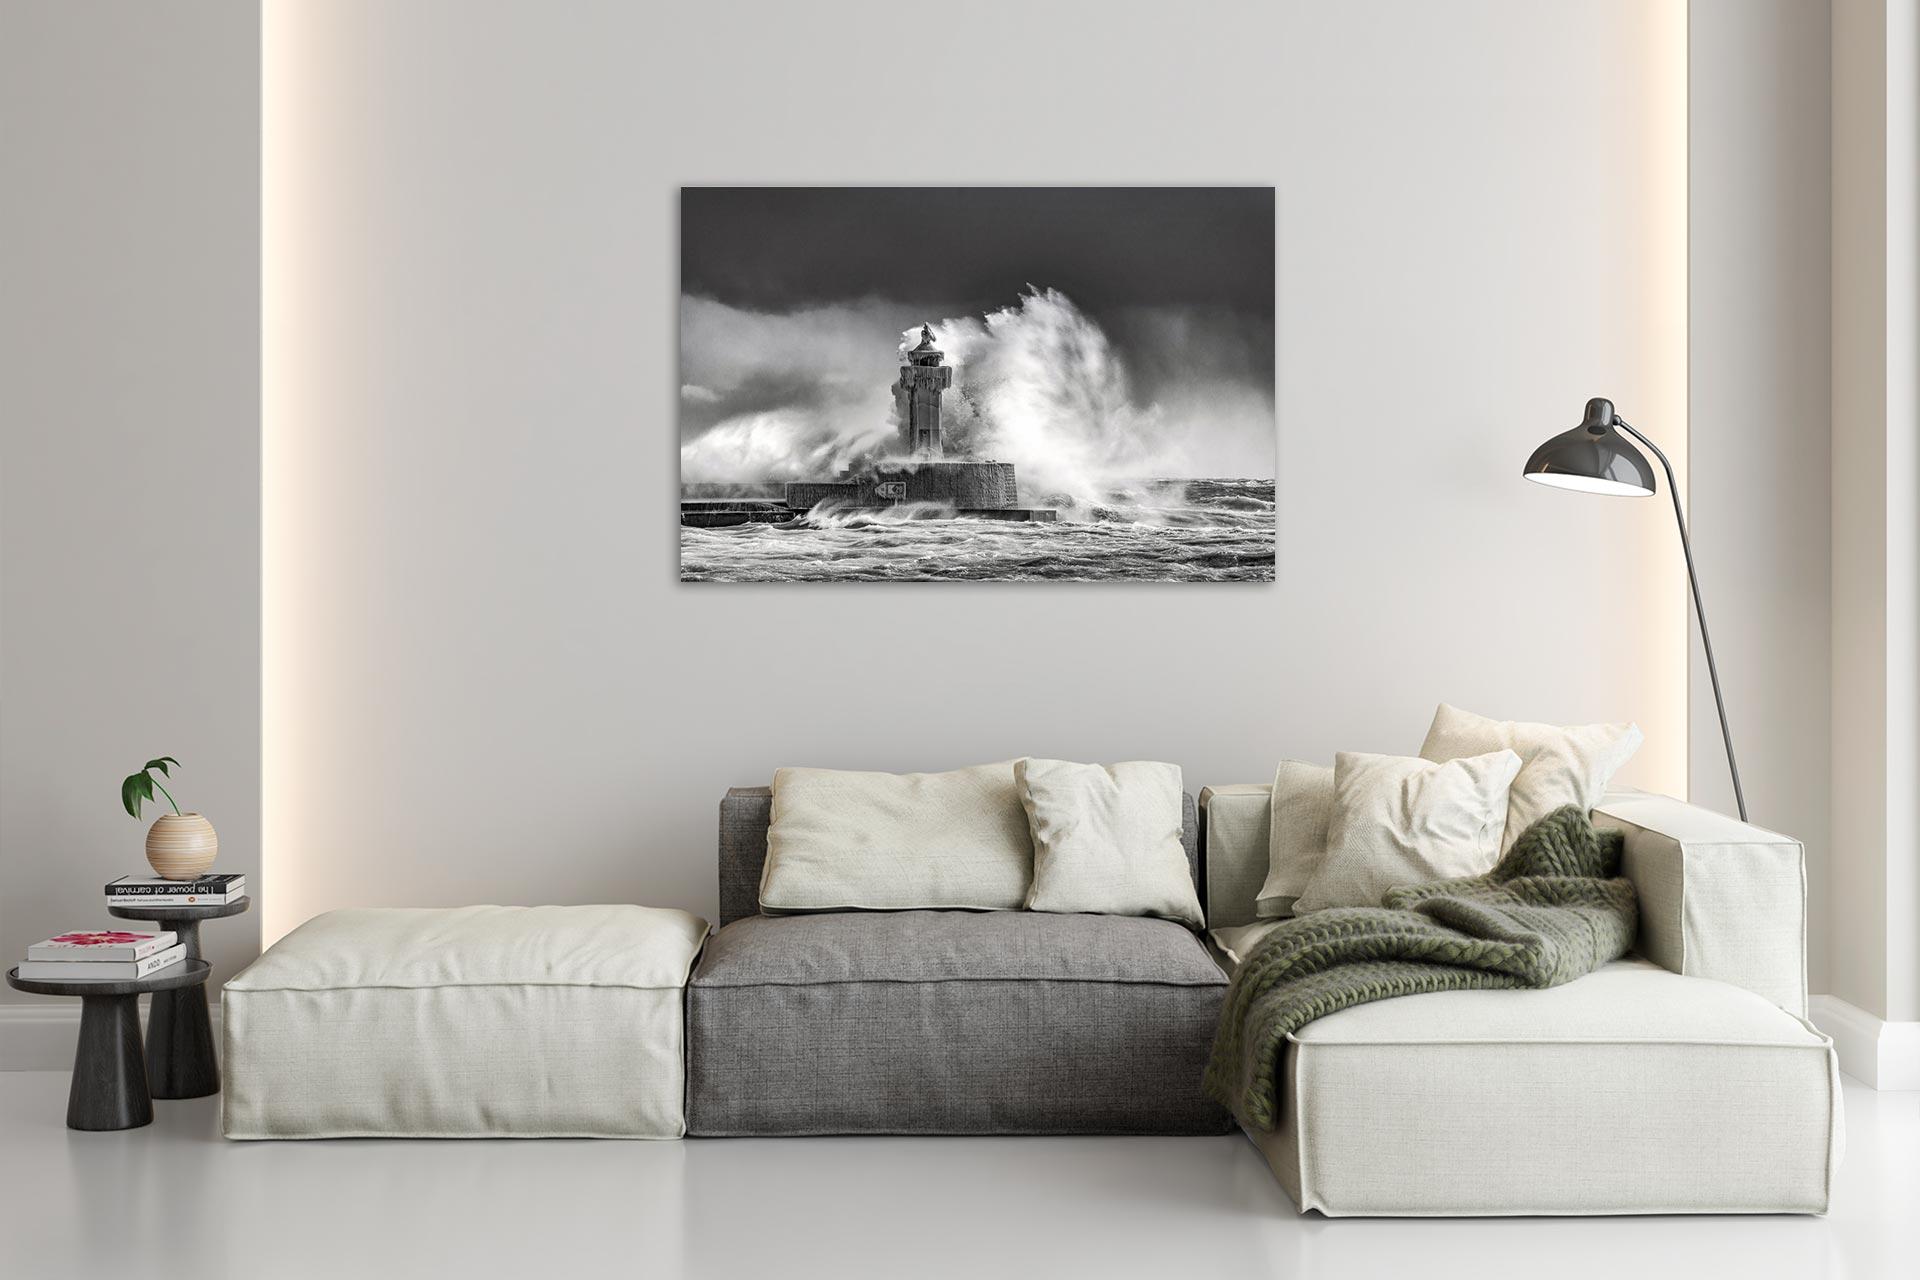 LSW300-leuchtfeuer-wandbild-auf-leinwand-acrylglas-aludibond-wohnzimmer